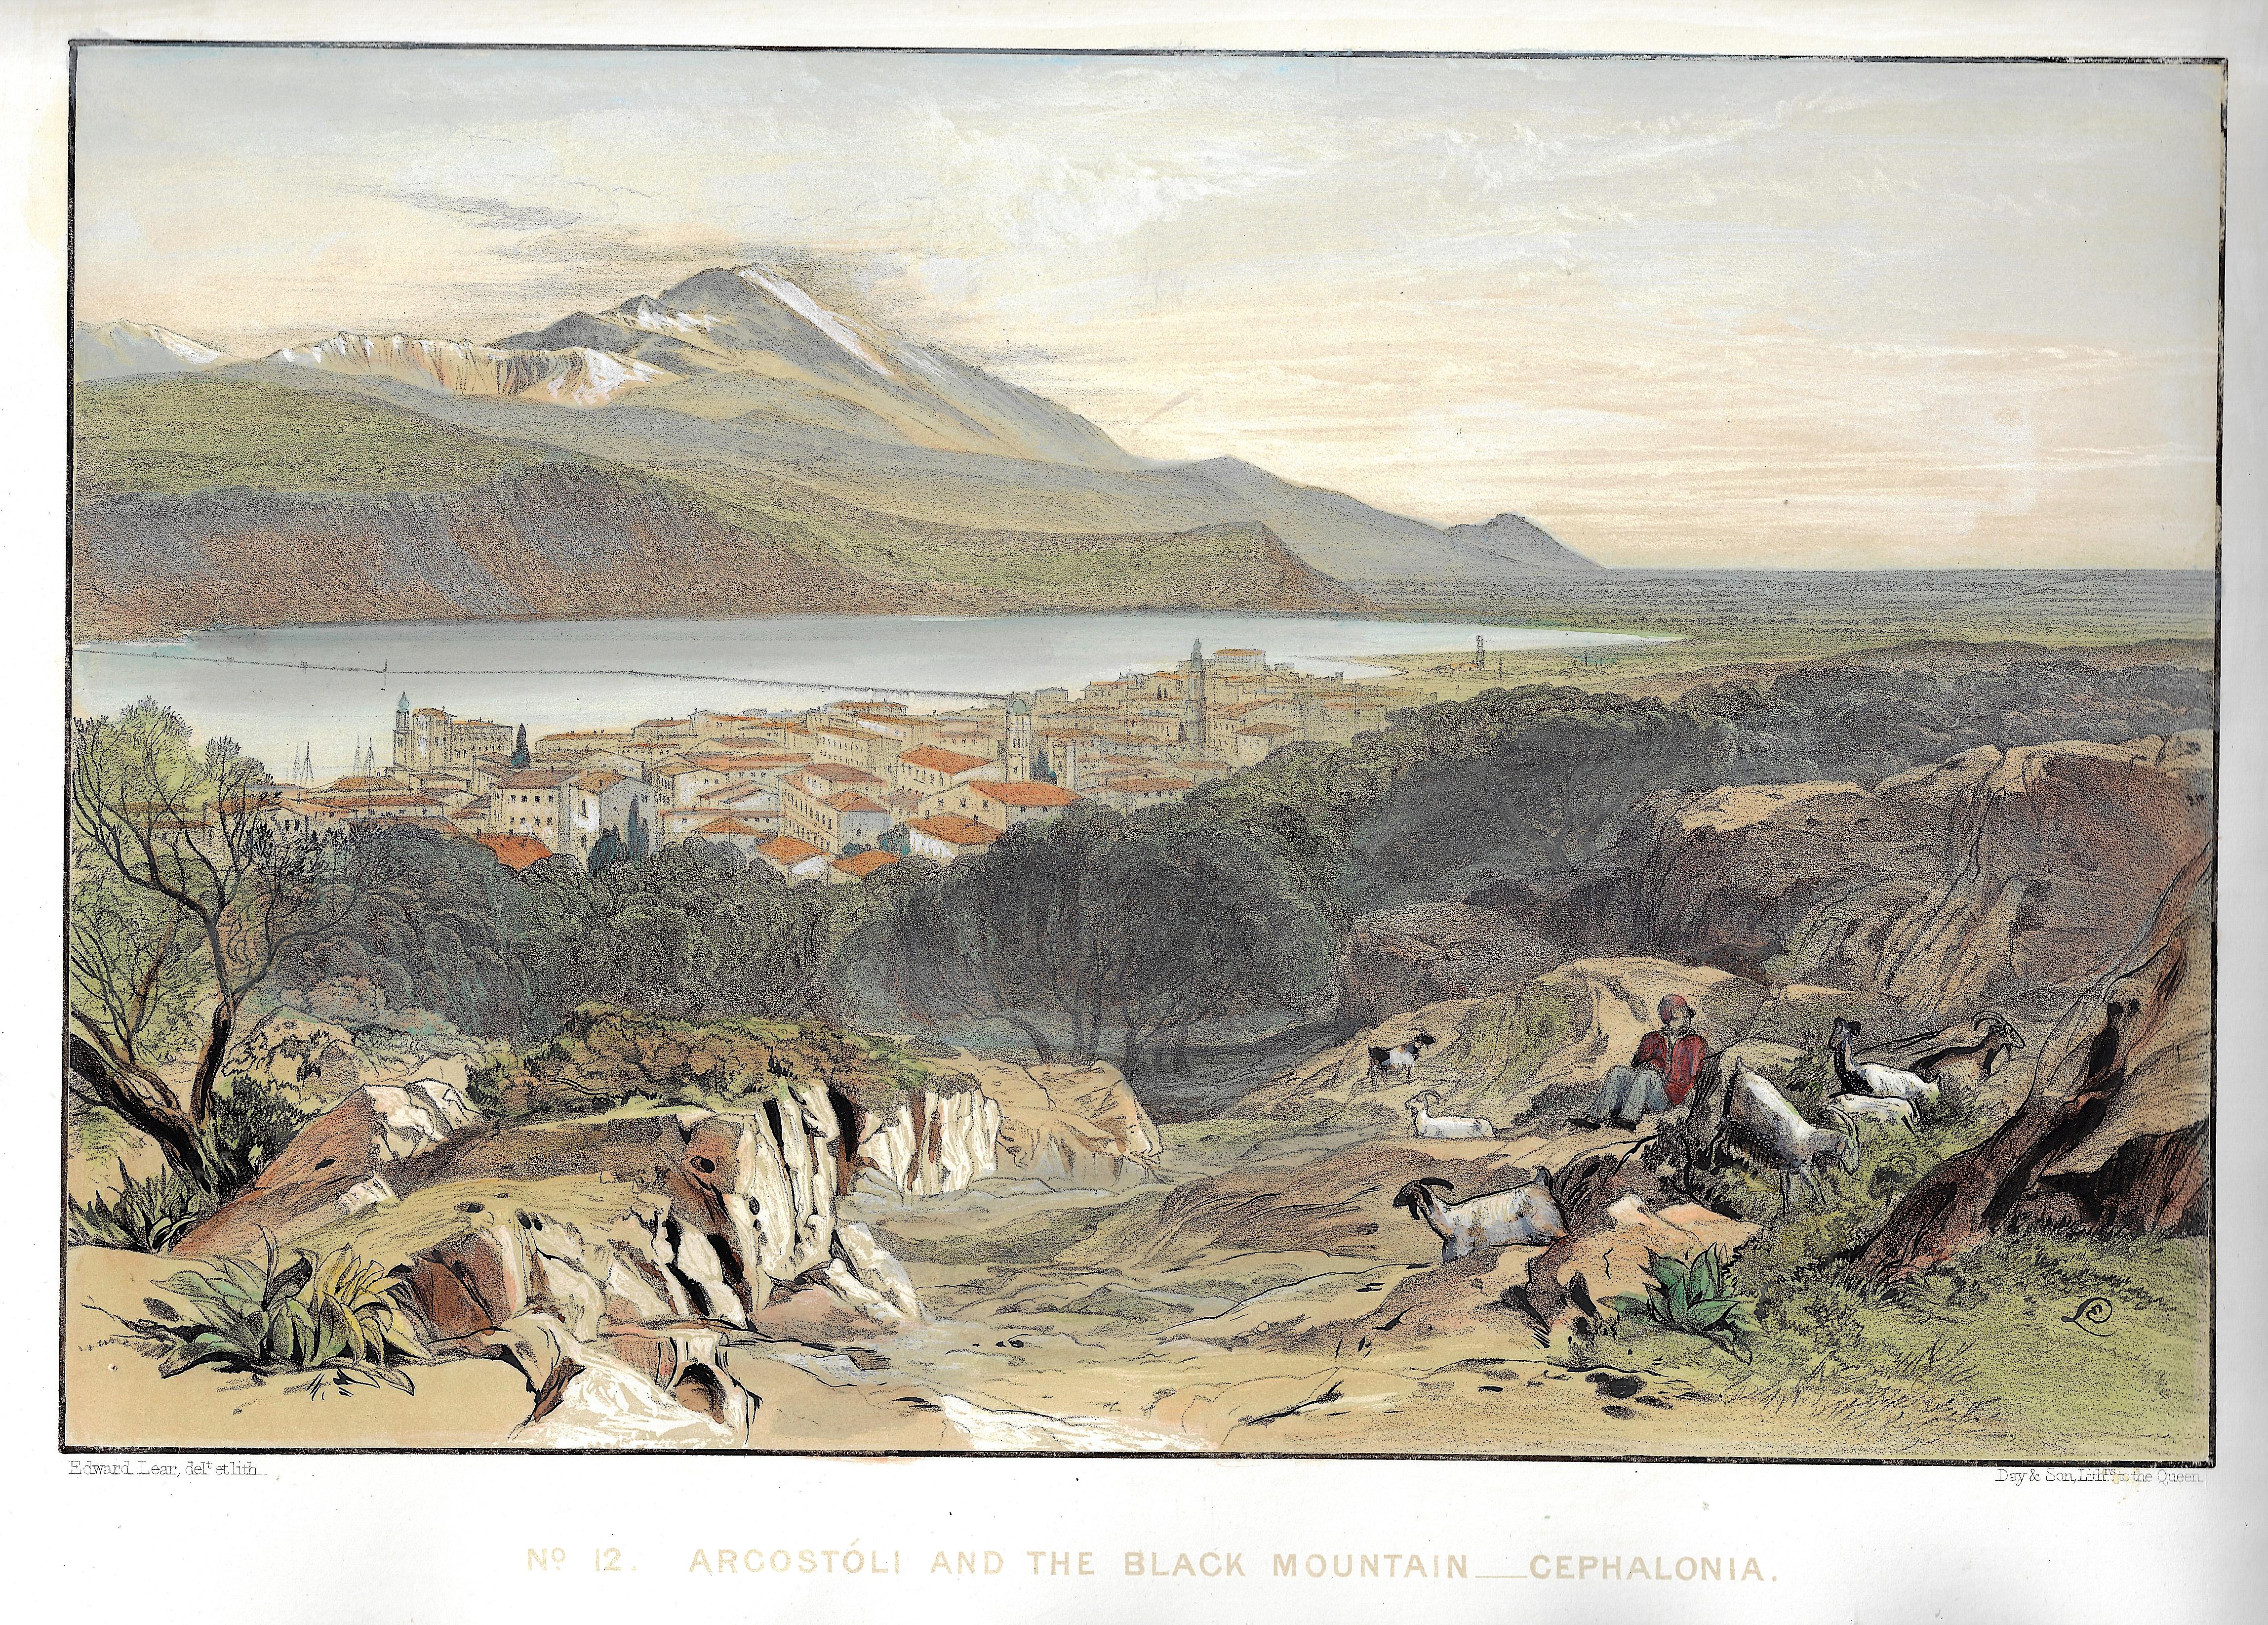 Lear Edward No. 12. Argostóli and the Black Mountain – Cephalonia.